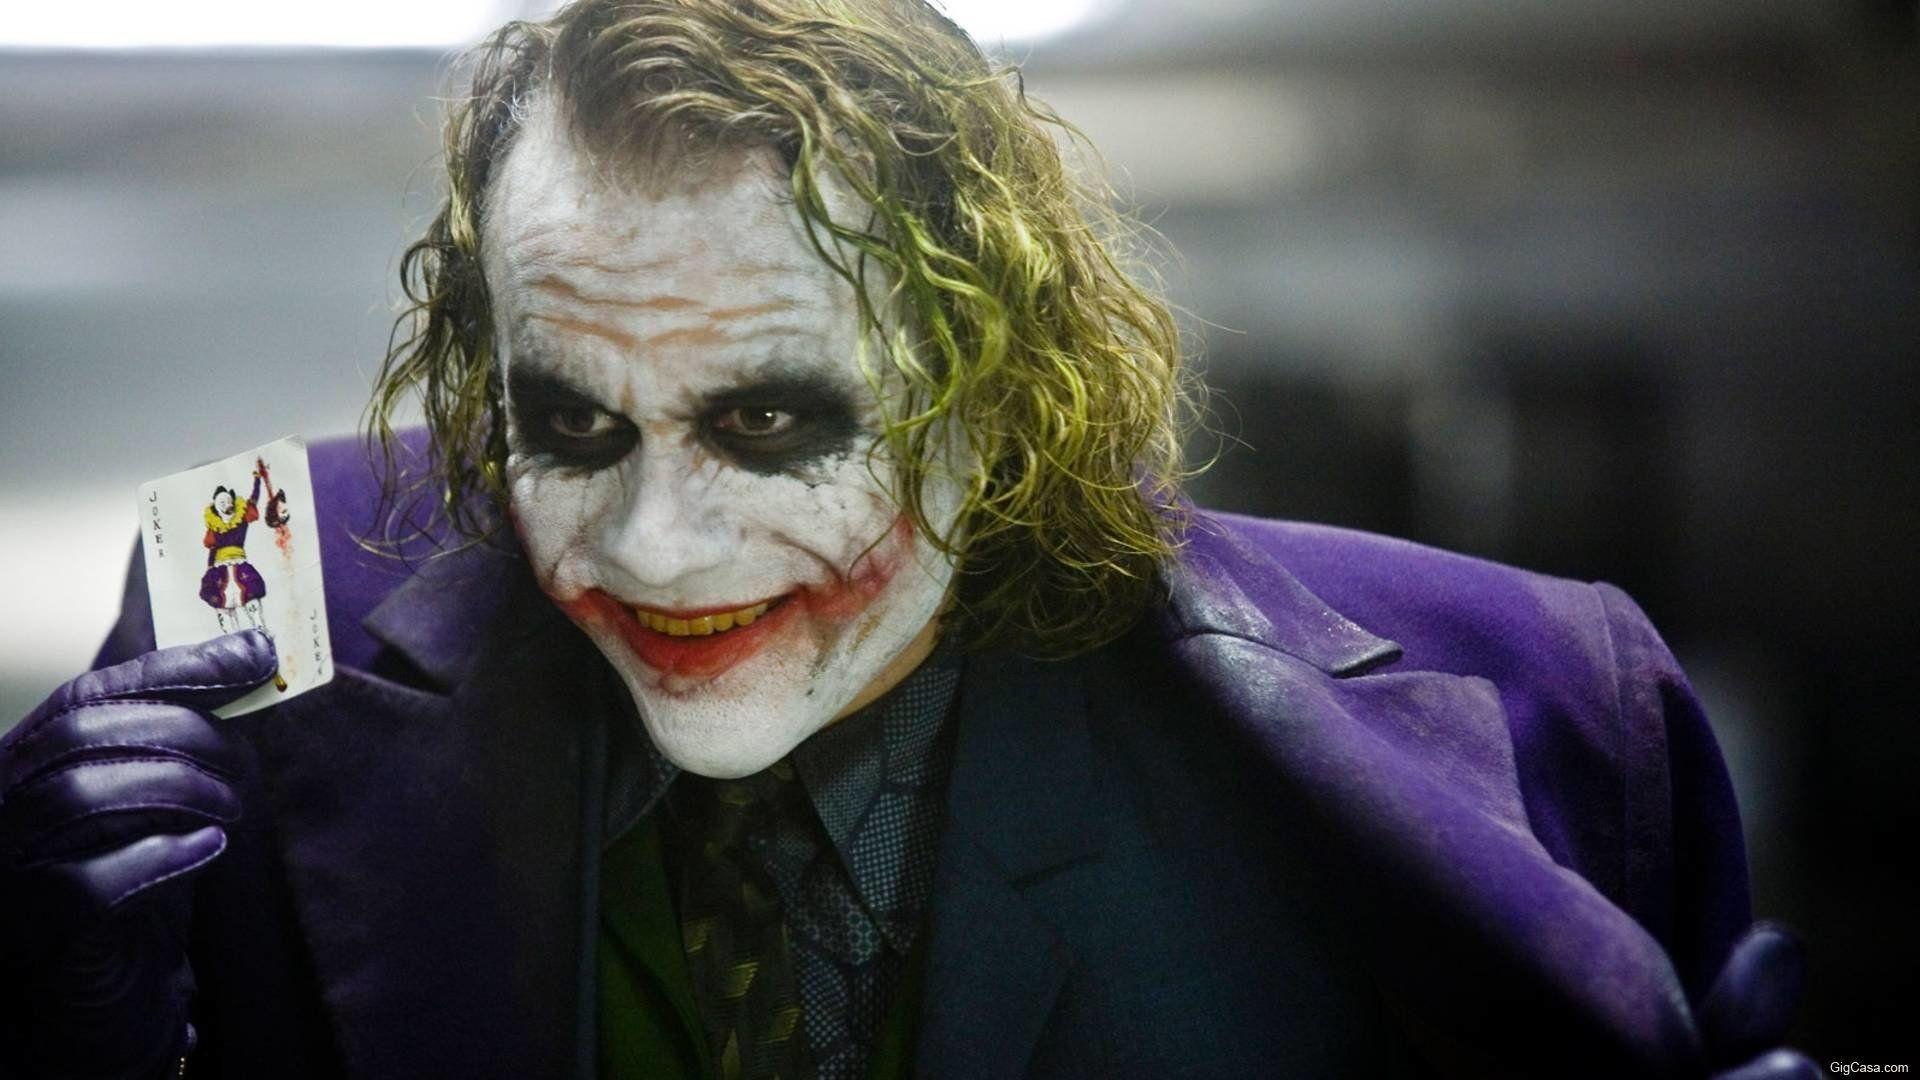 Lah, karakter Joker ini mah. :|